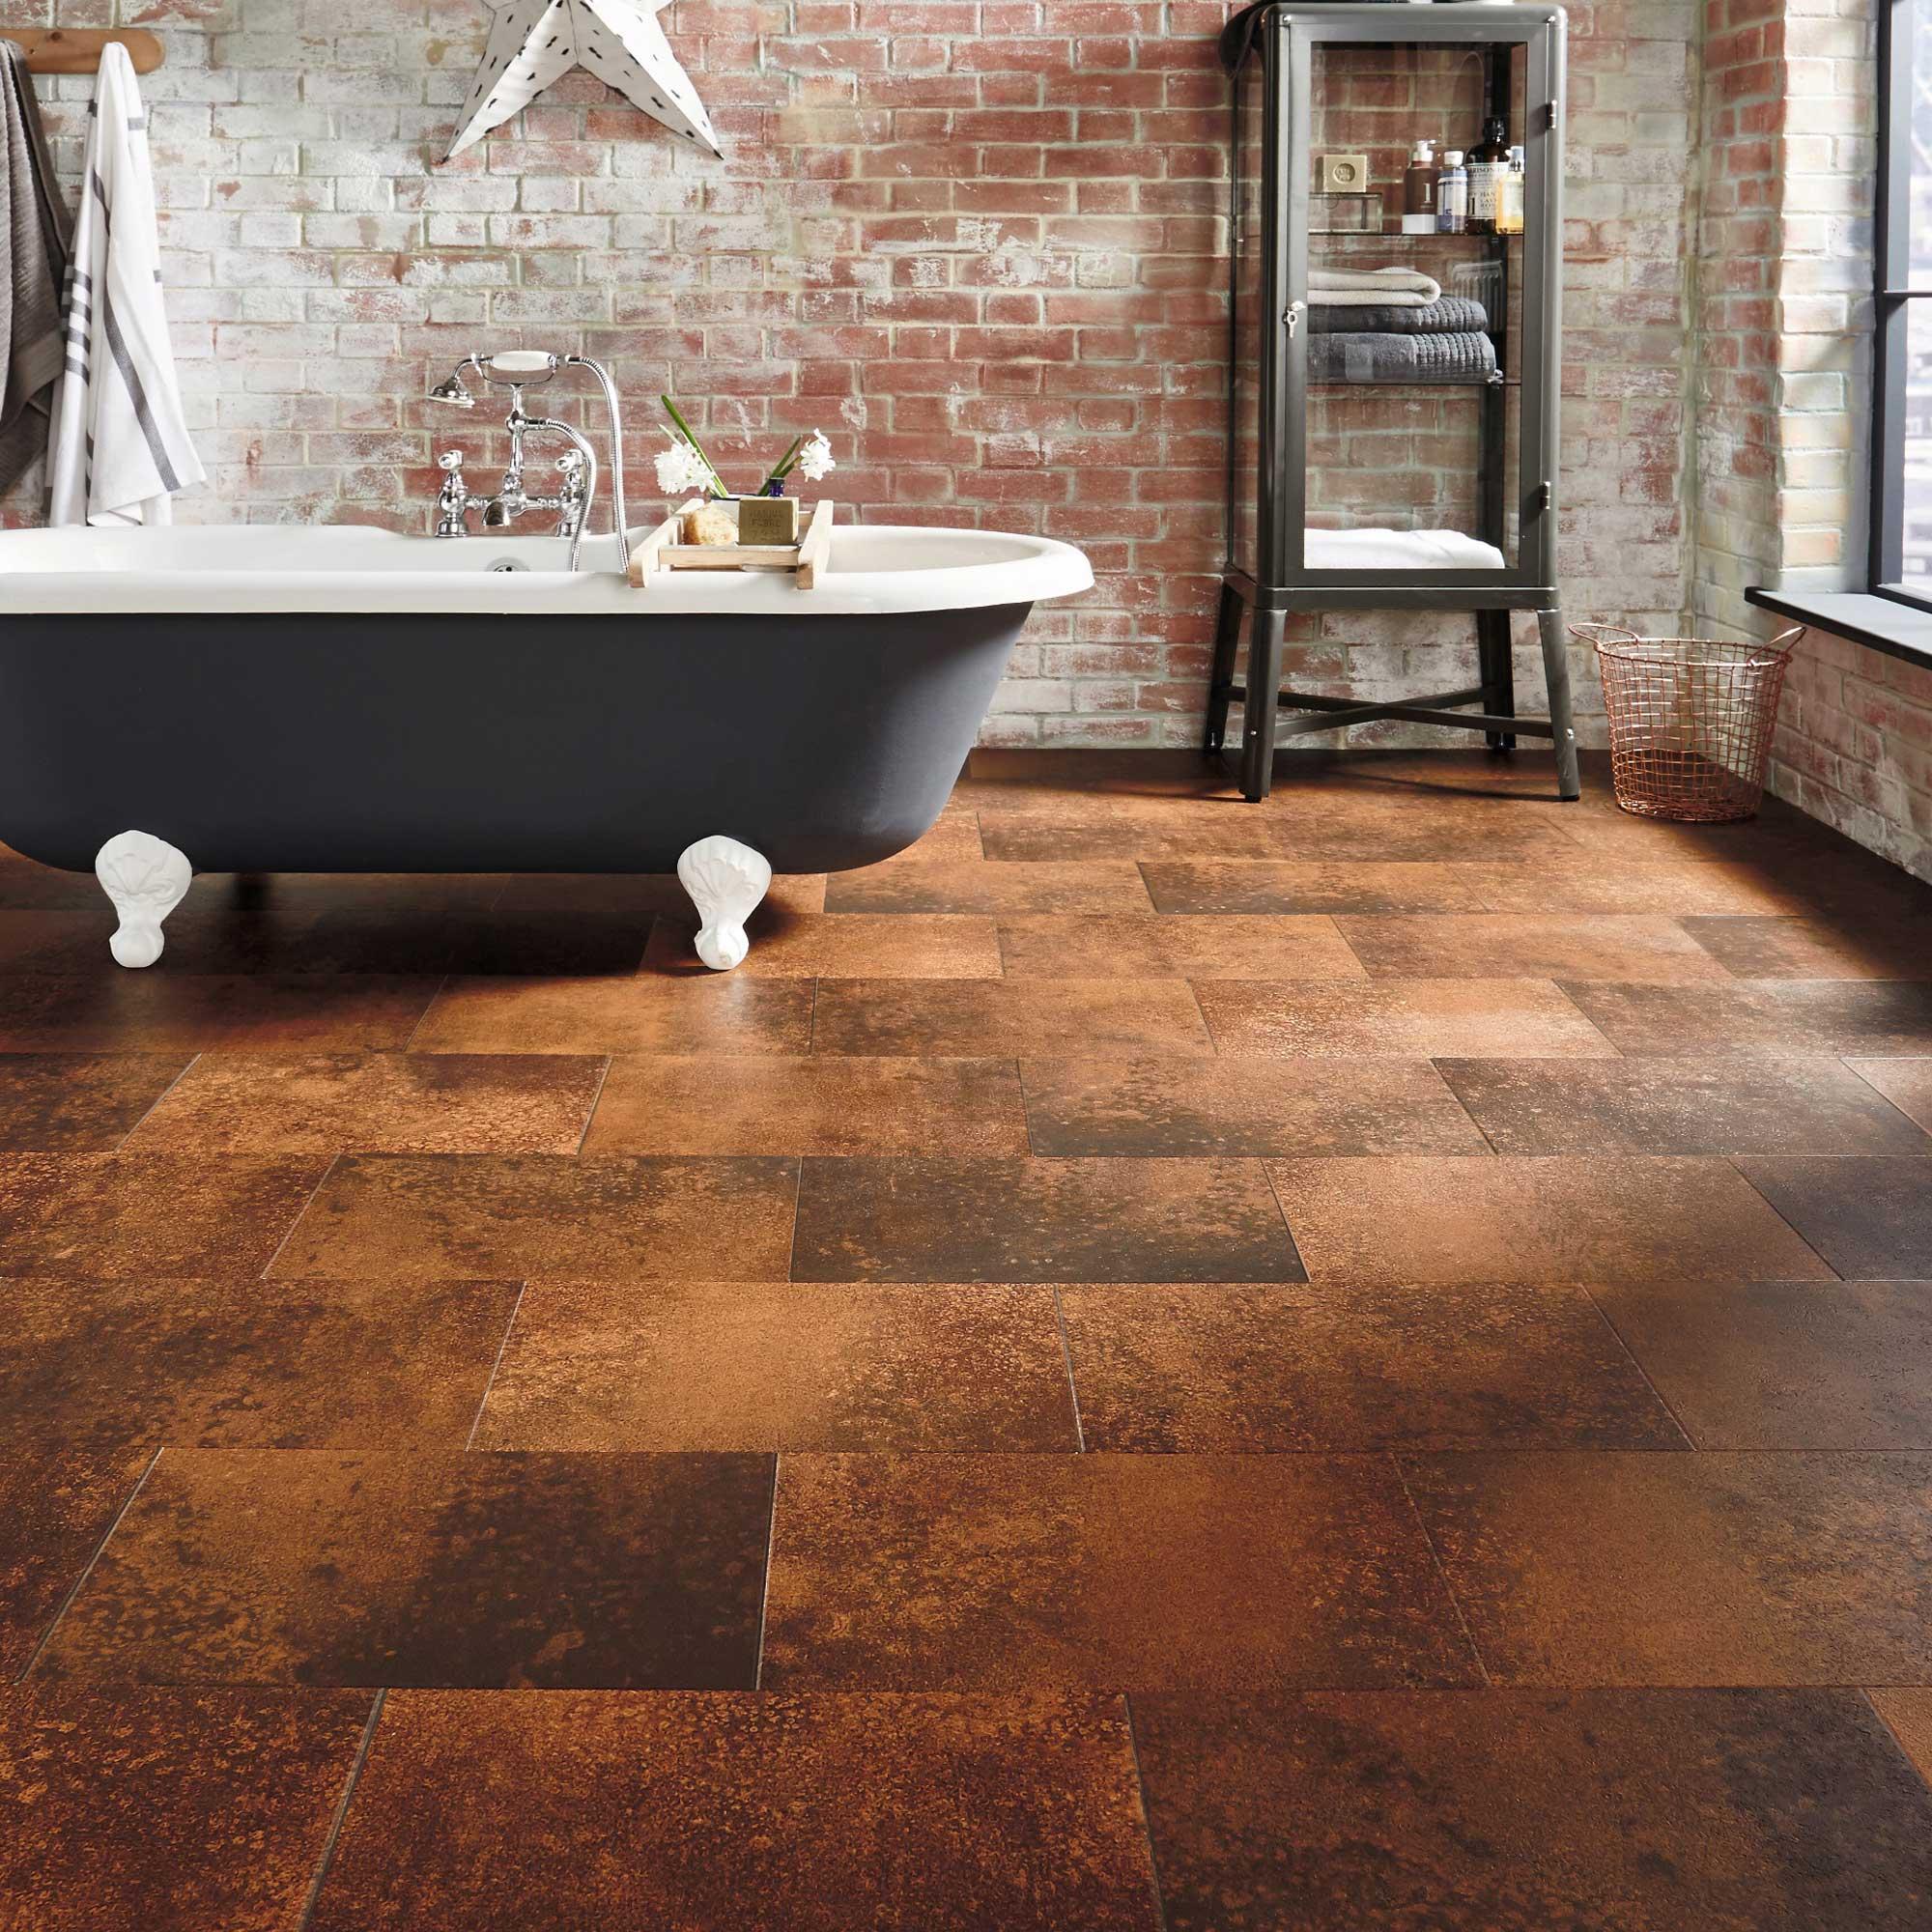 Renoviranje stana za najam: 5 načina za prekrivanje oštećenih podova Vinil ploče